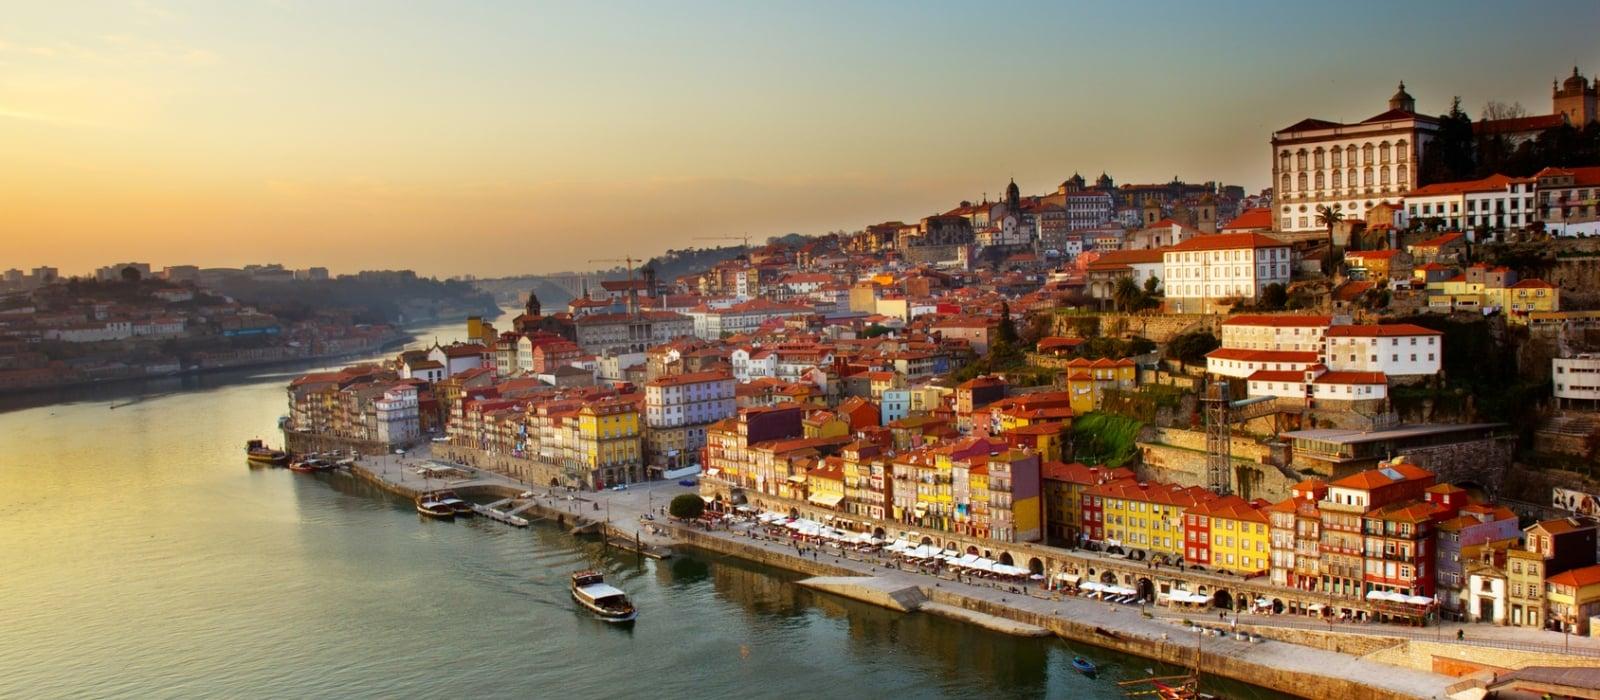 Oporto - Vincci Hoteles